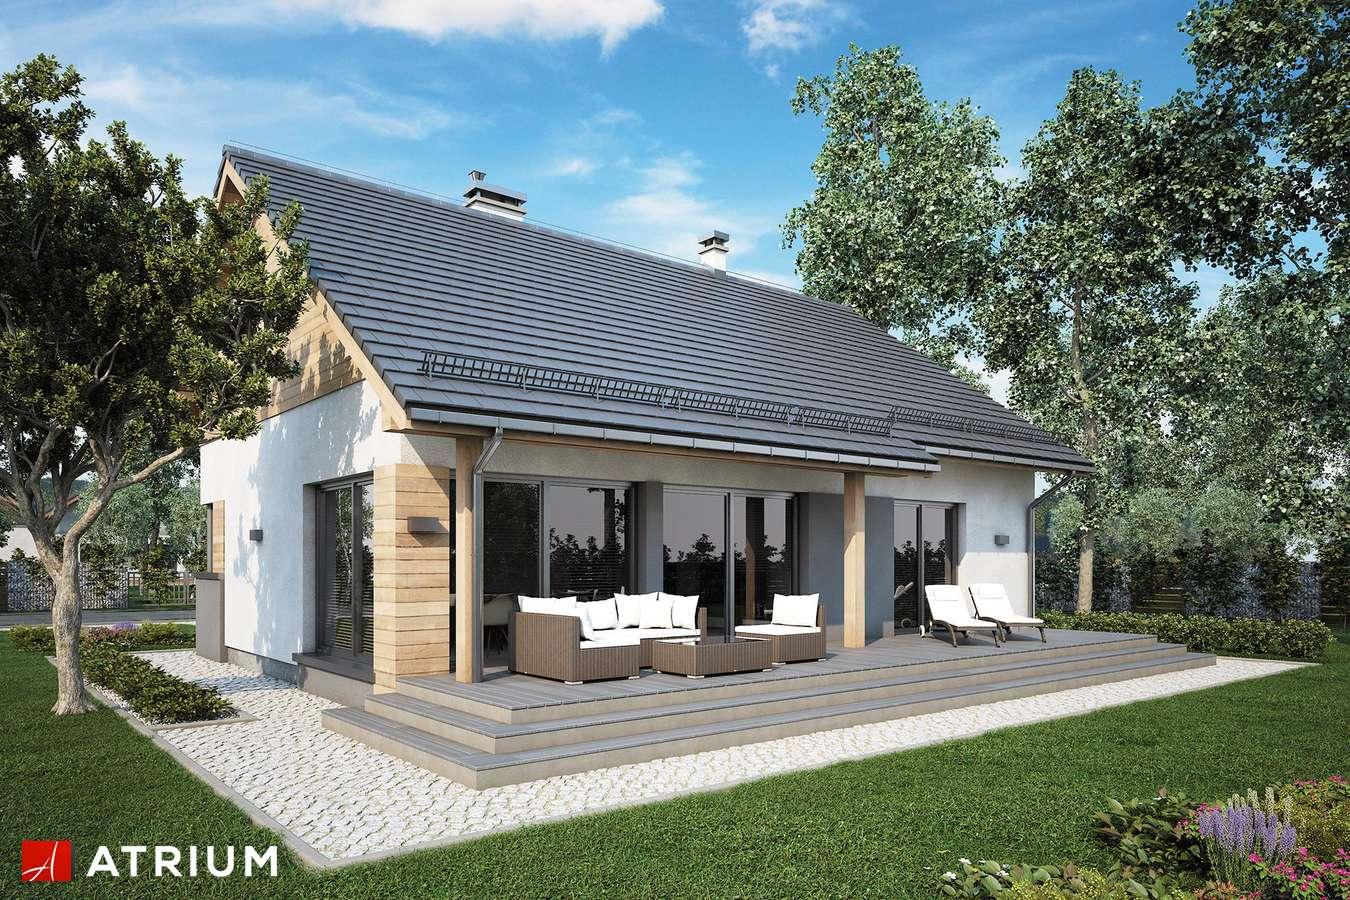 Projekty domów - Projekt domu parterowego ROY V SZ - wizualizacja 2